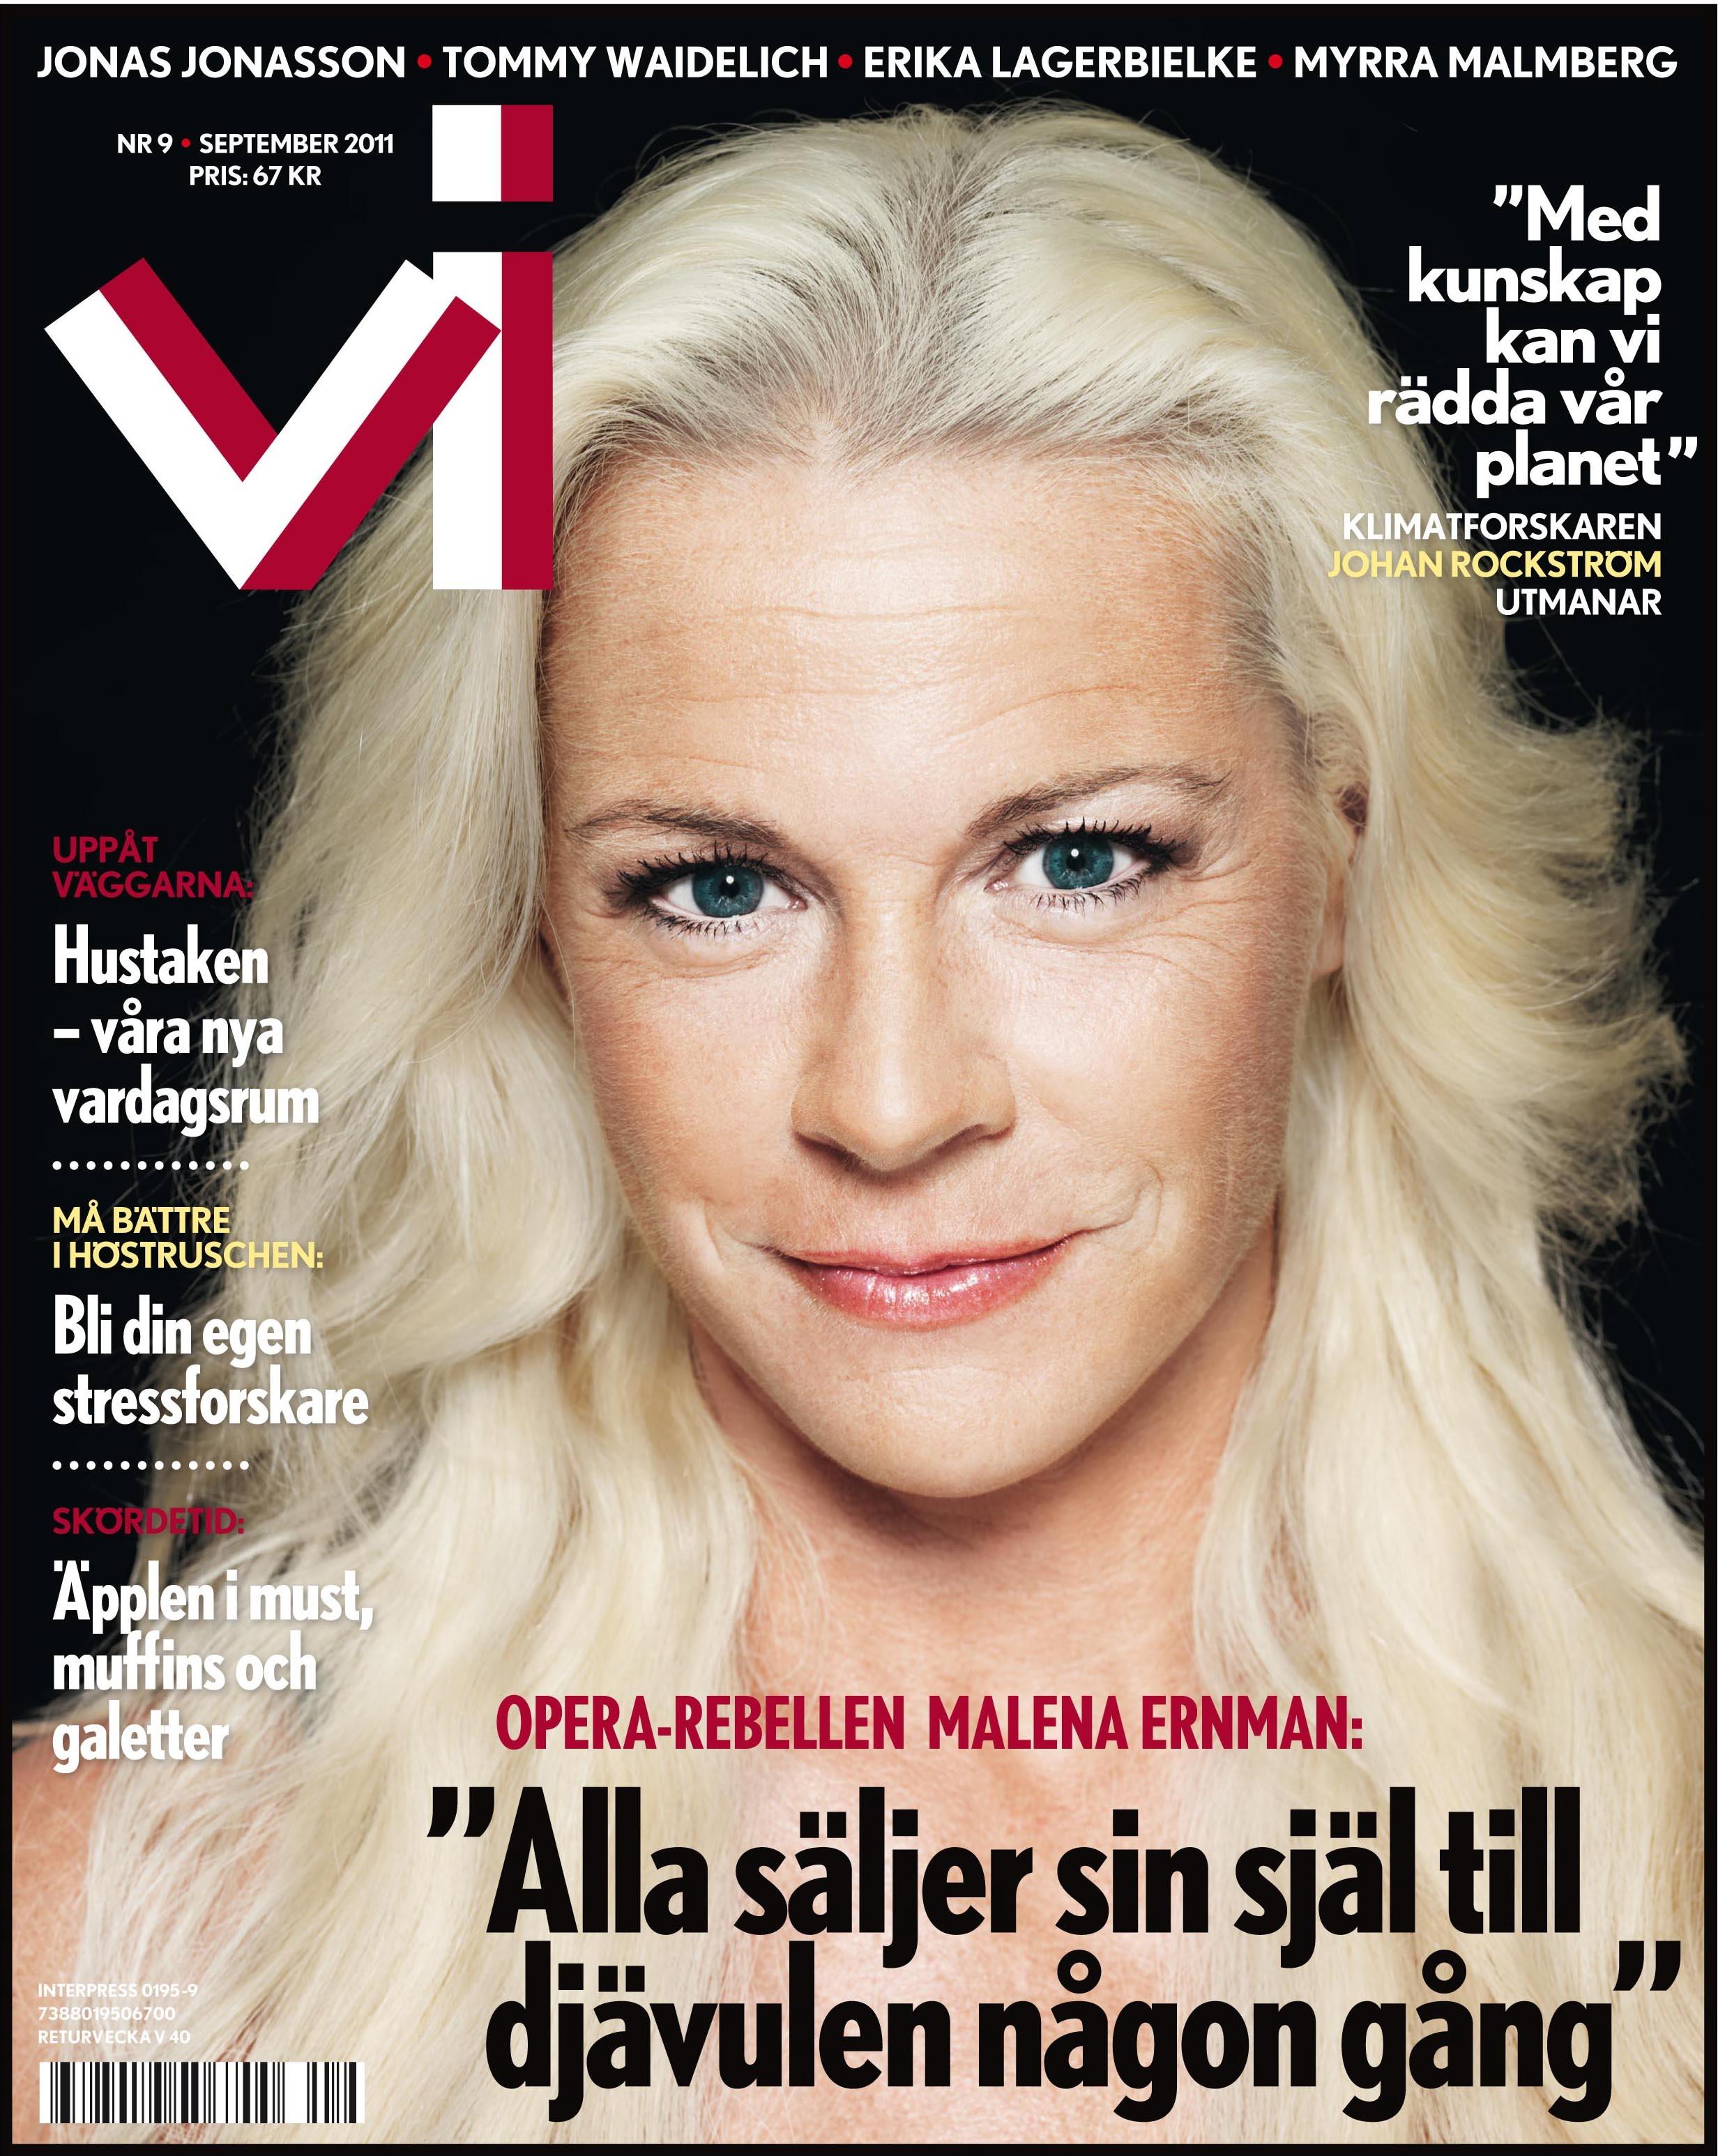 """Malena Ernman: """"Alla säljer sin själ till djävulen någon gång ..."""